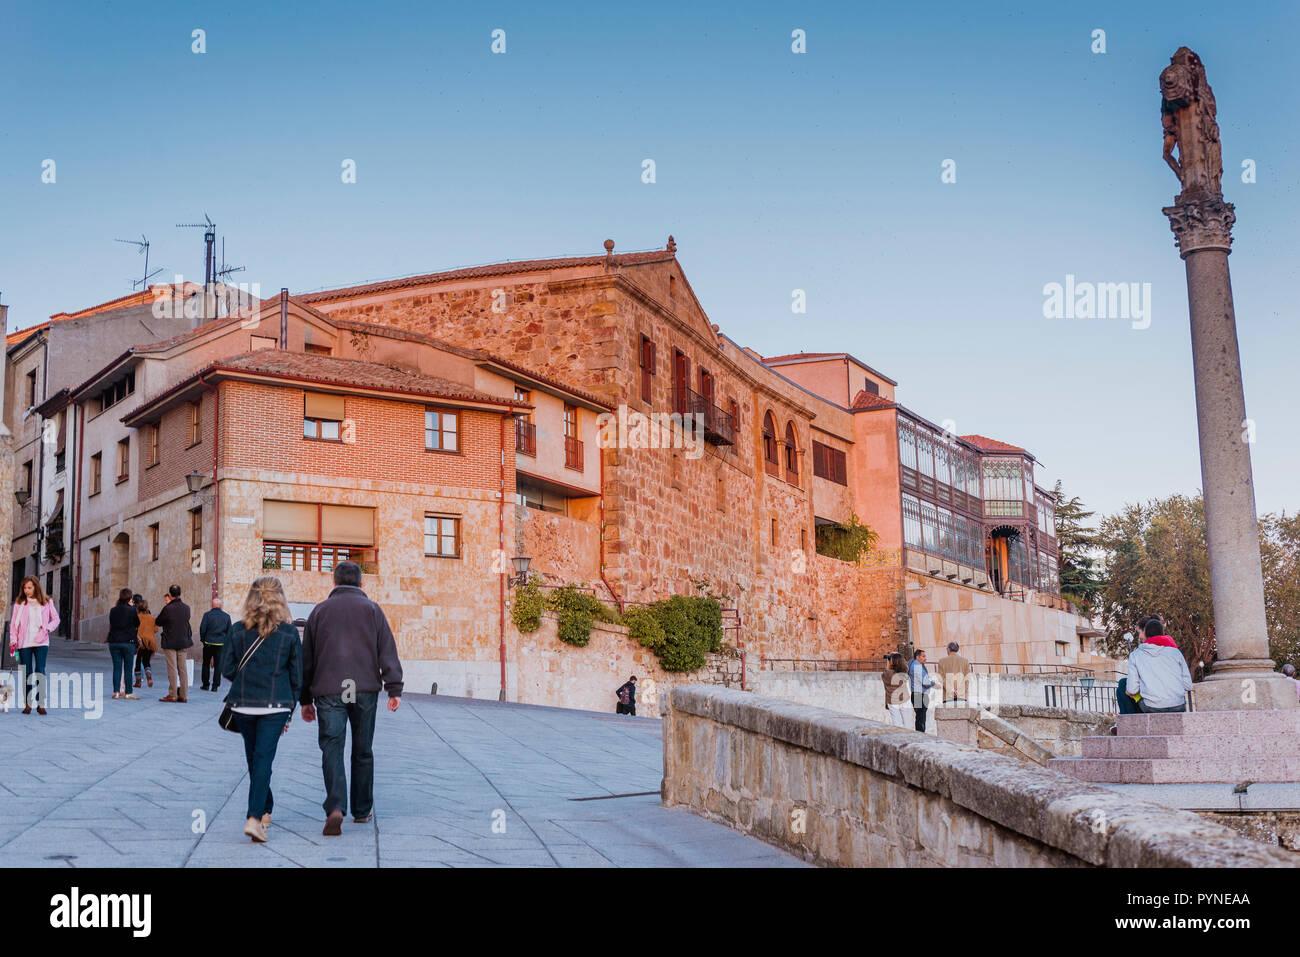 Paseo de San Gregorio. Old town of Salamanca, Castilla y Leon, Spain, Europe - Stock Image